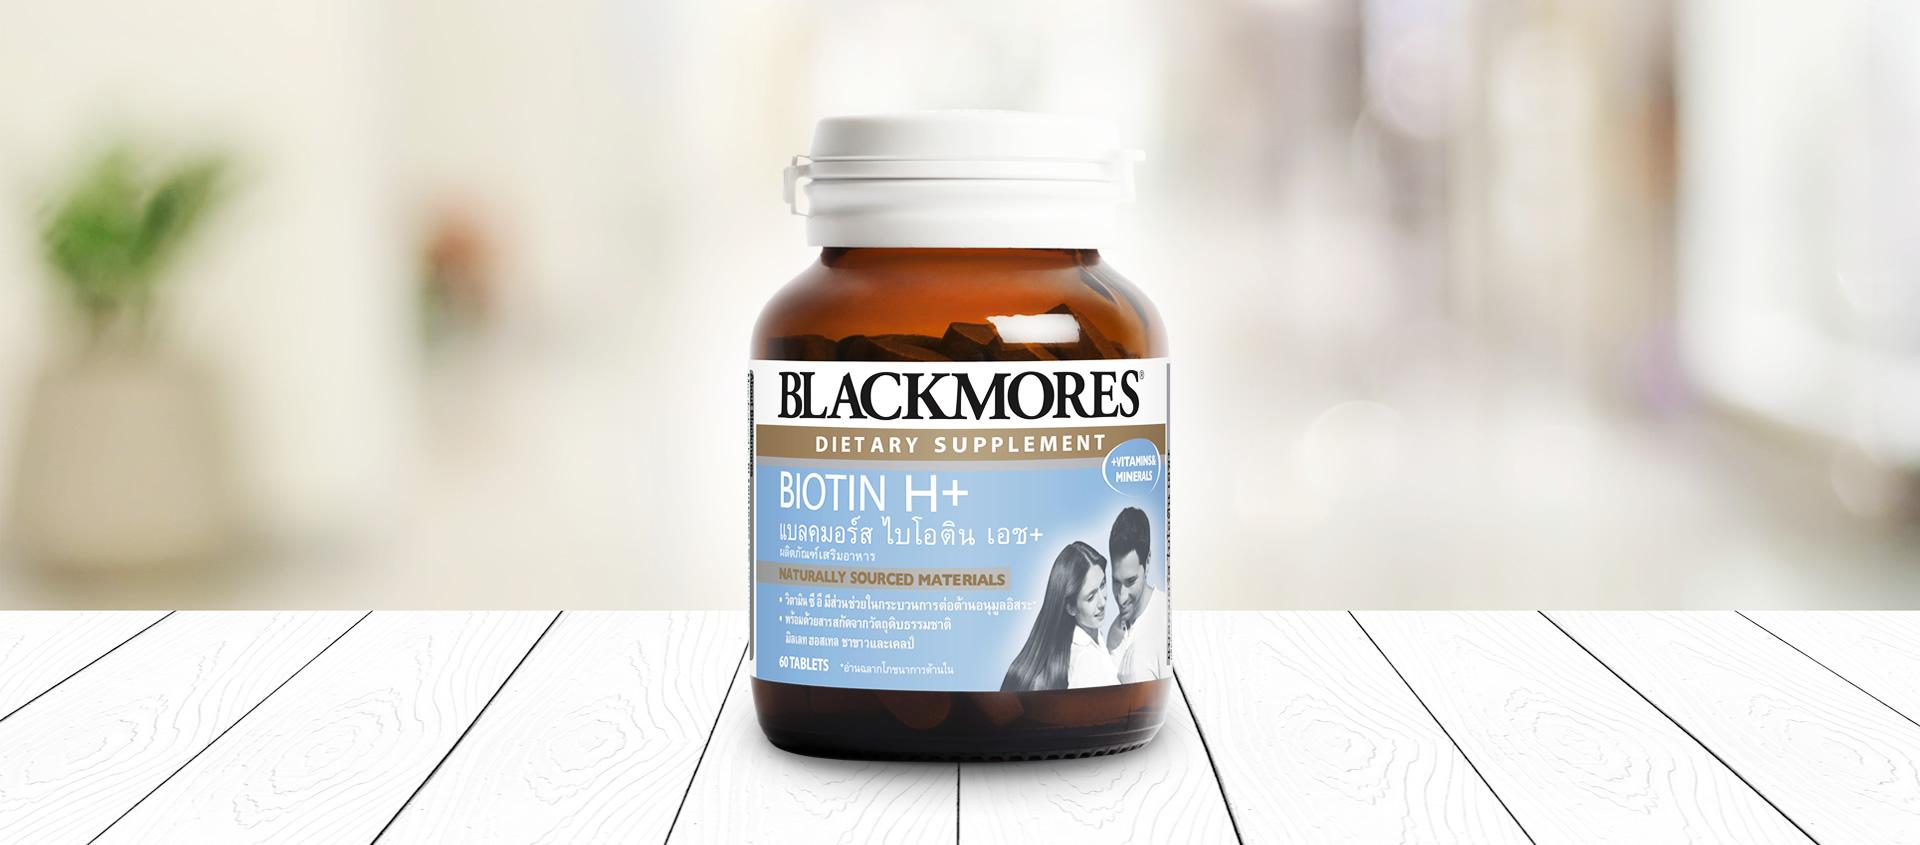 Blackmores Biotin H+ 60's